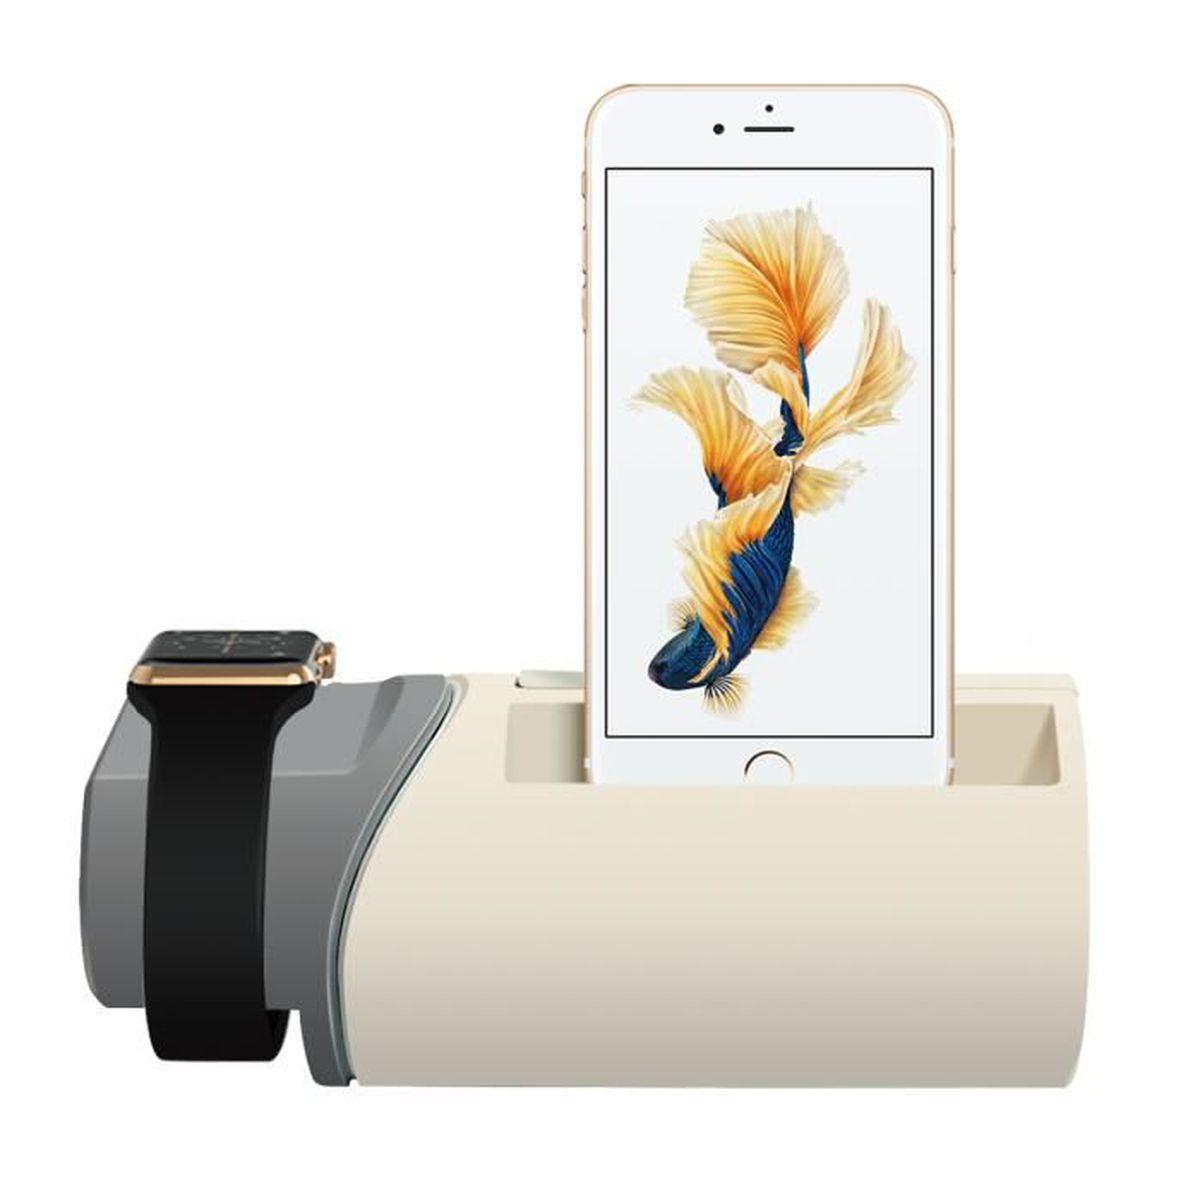 upow 2 en 1 station de recharge pour apple watch iphone. Black Bedroom Furniture Sets. Home Design Ideas